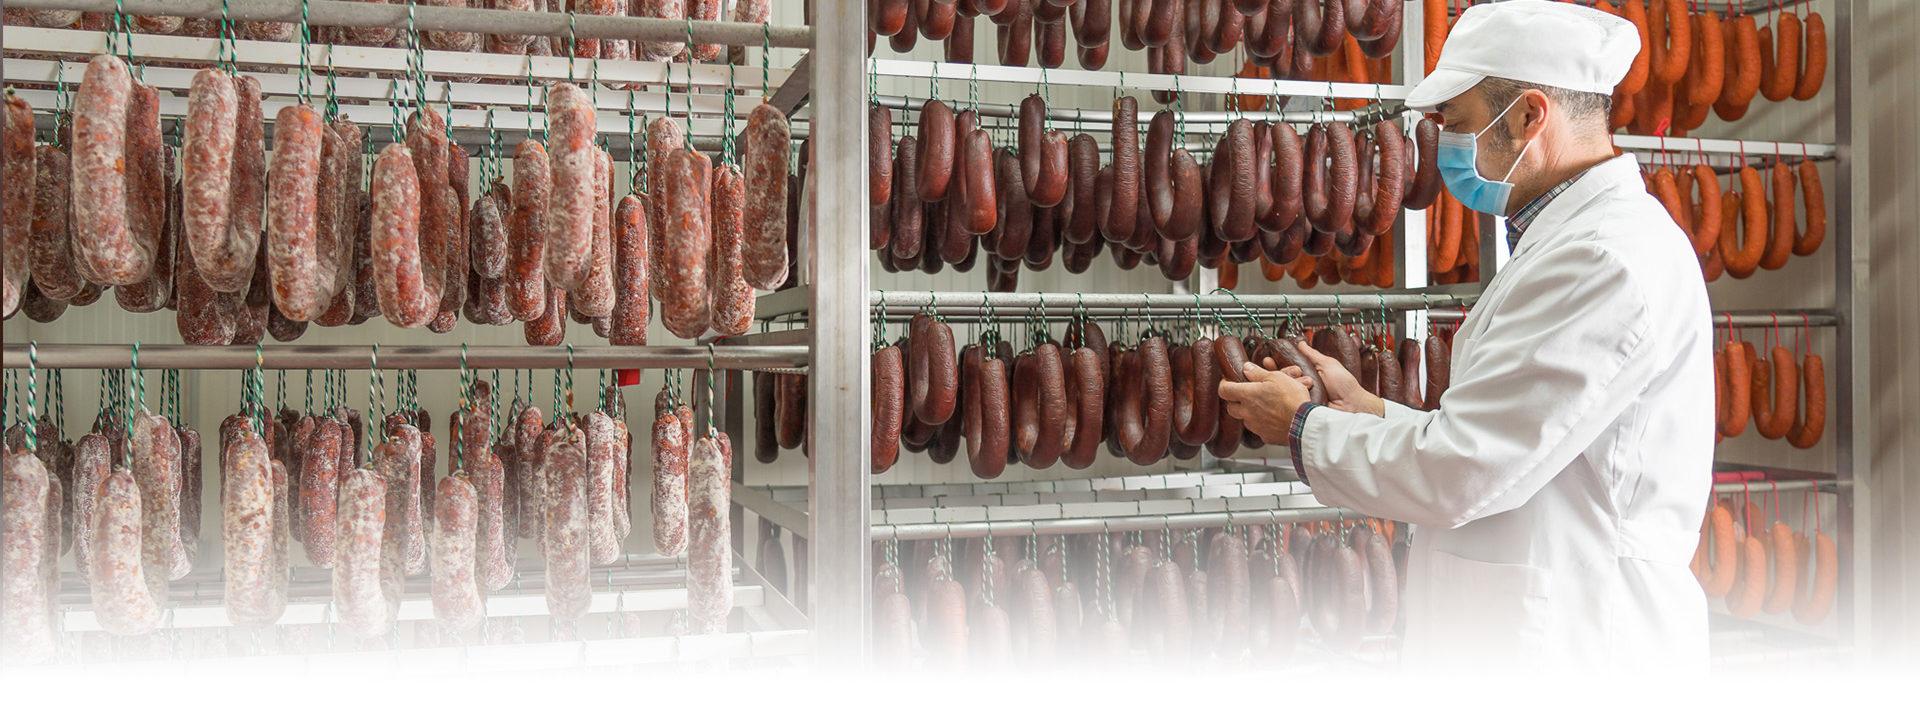 Máxima higiene, control y esmerado cuidado en nuestra producción garantizan la máxima calidad